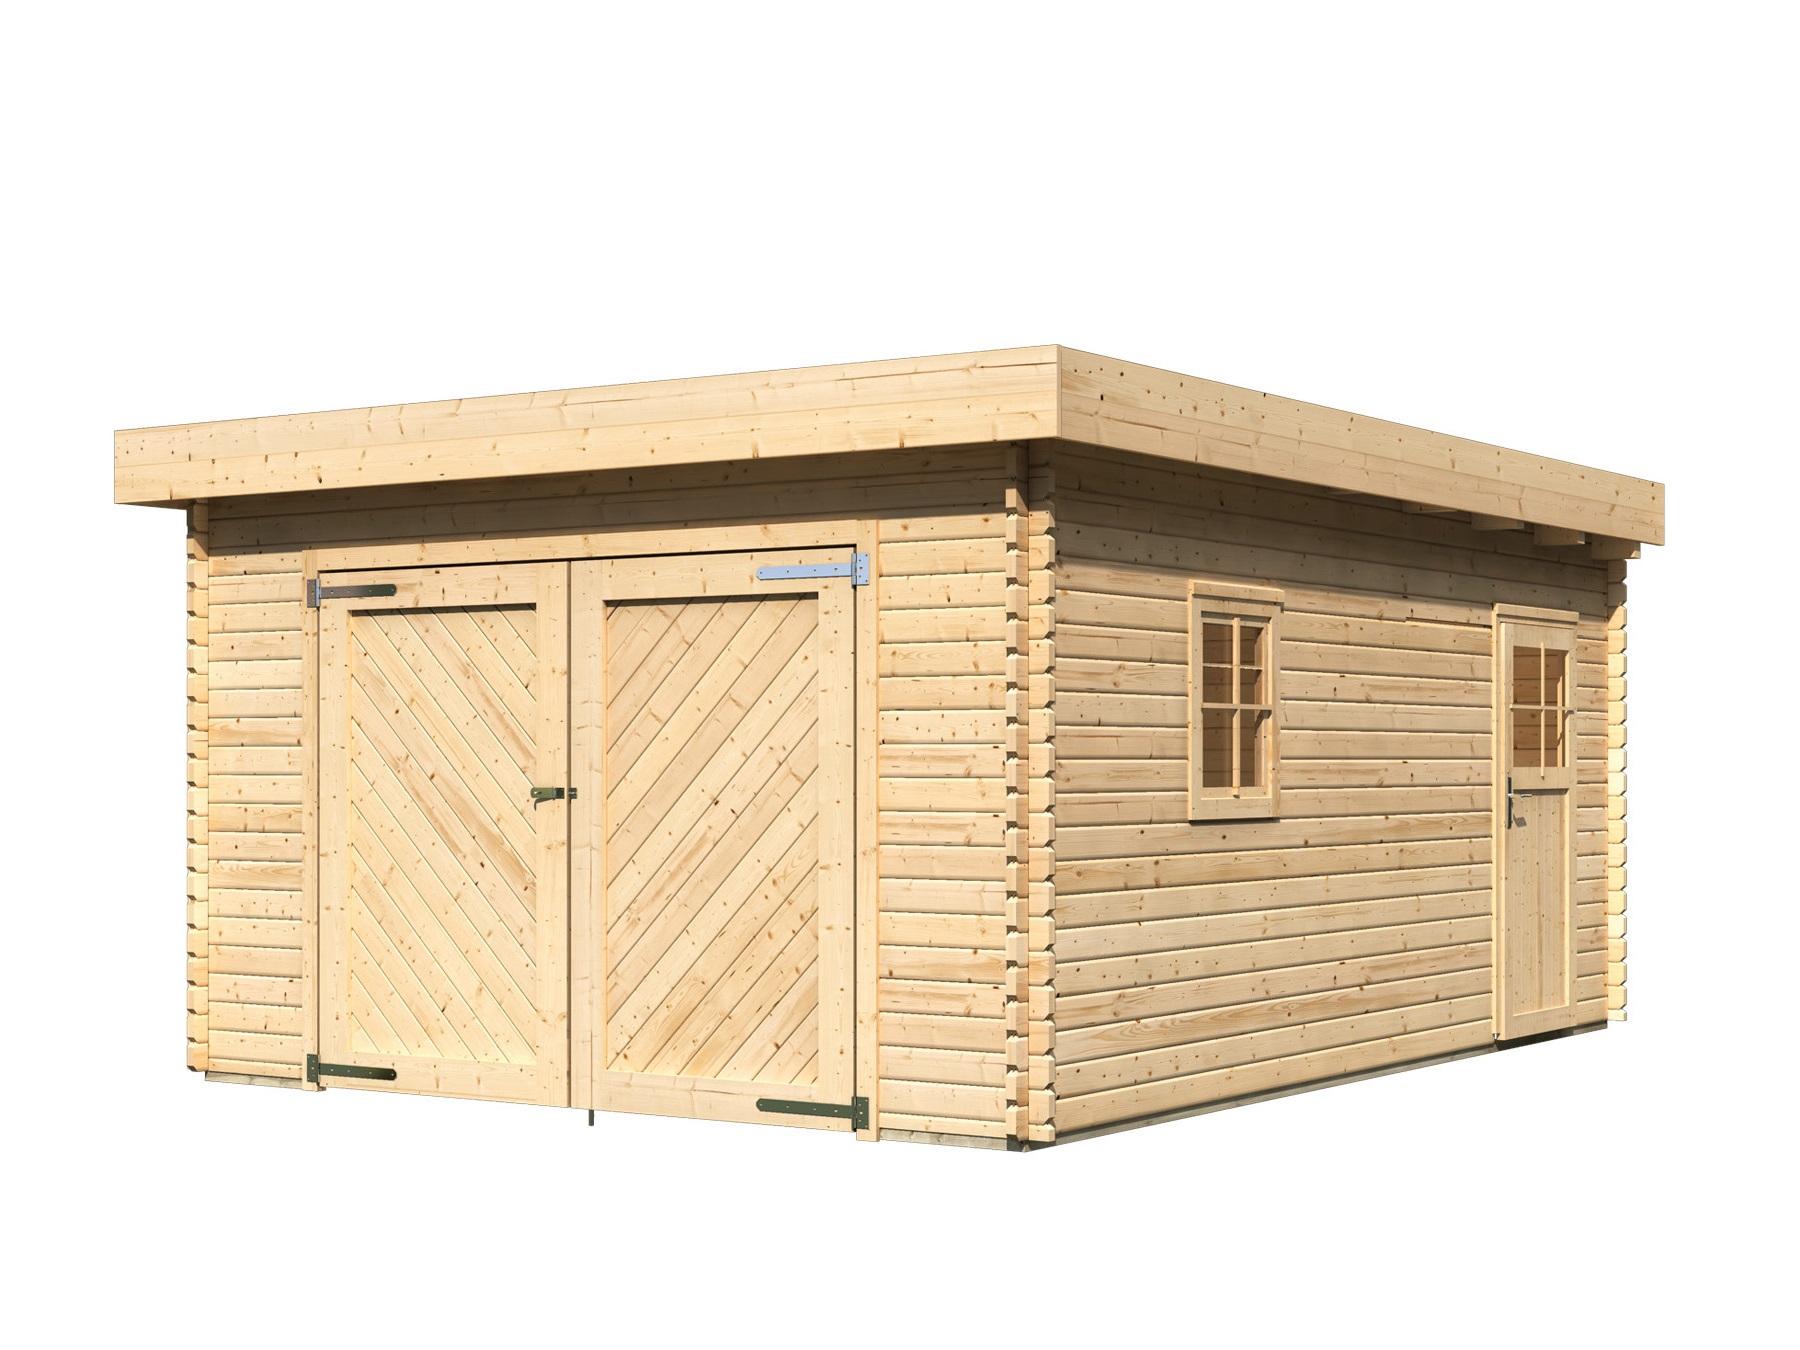 dřevěná garáž KARIBU 68284 40 mm natur